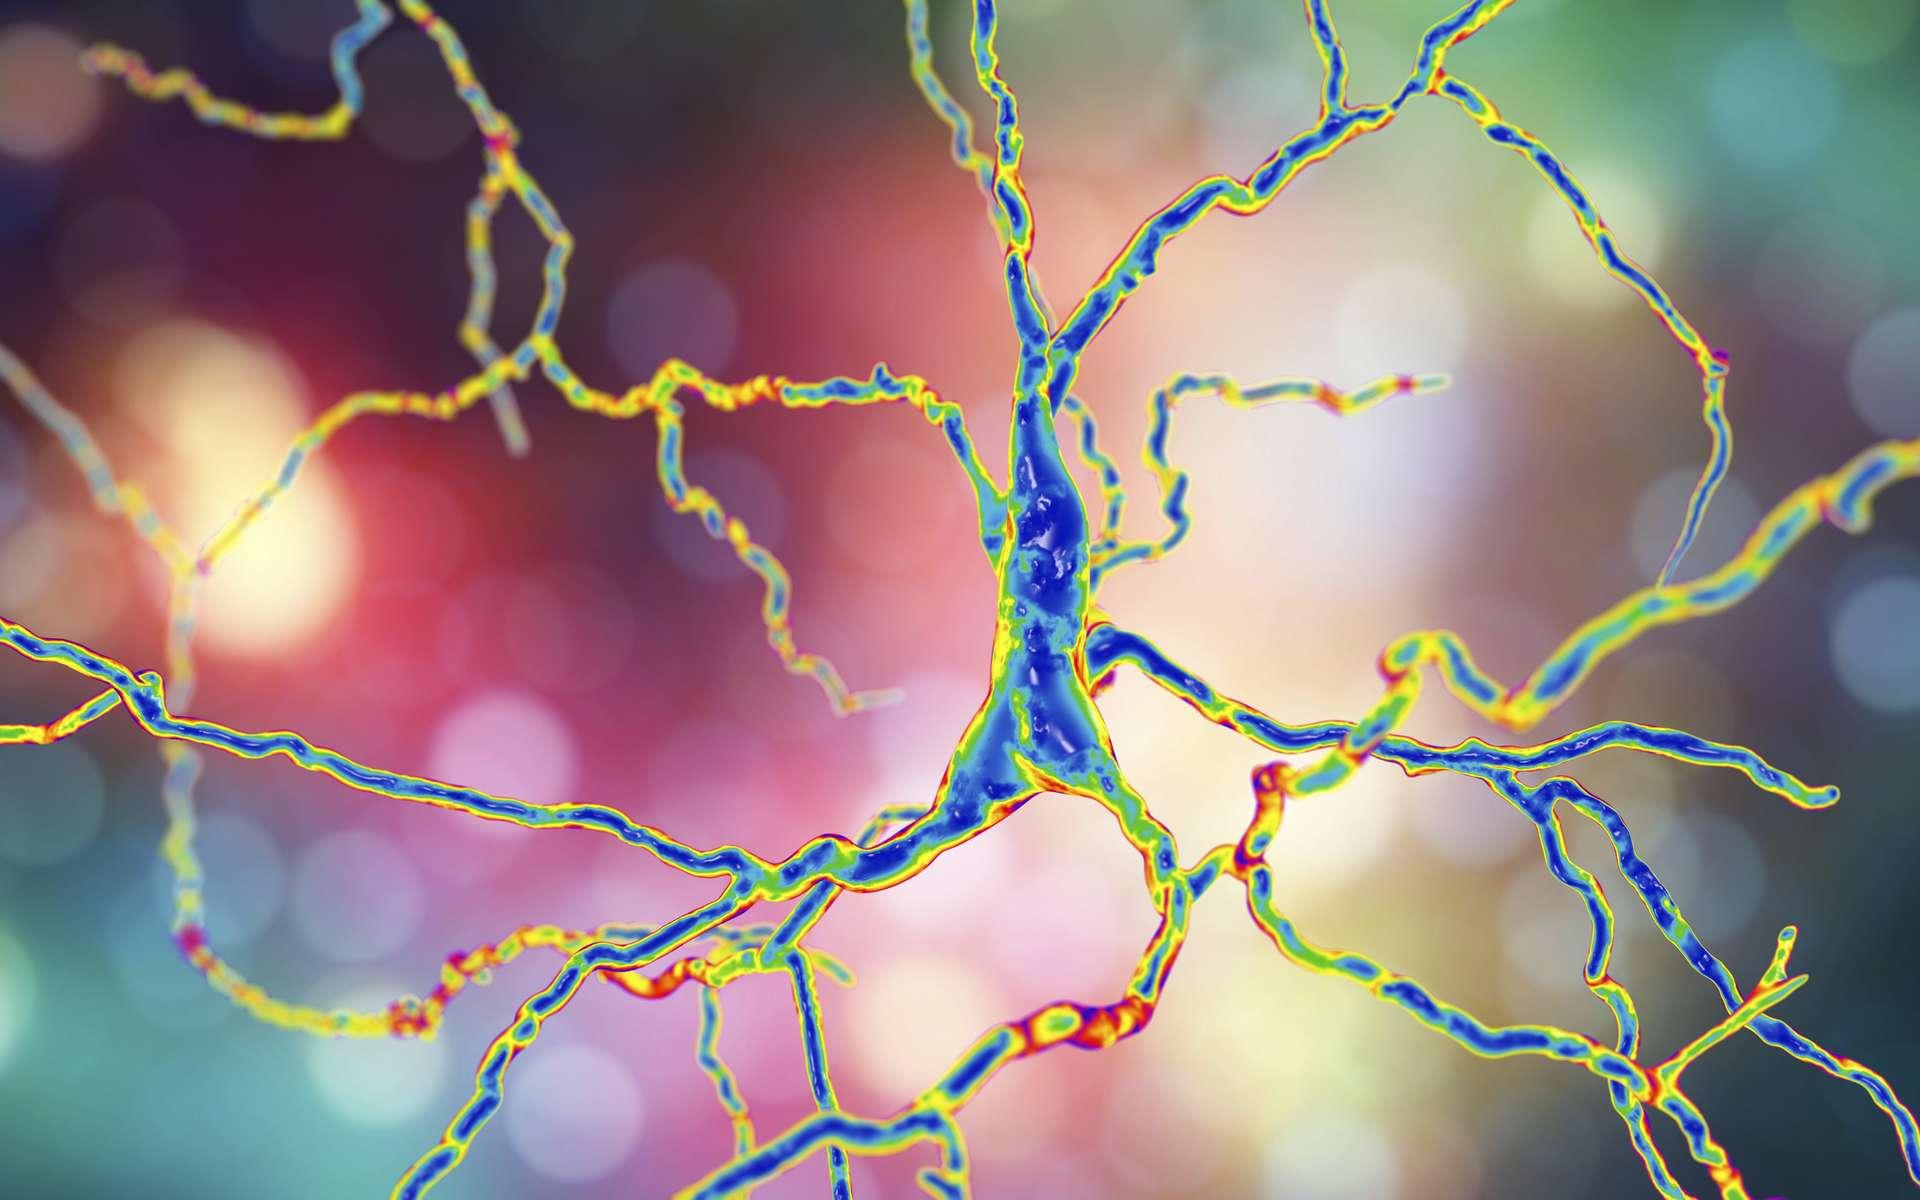 Représentation de neurones dopaminergiques: le dysfonctionnement de ces cellules nerveuses est responsable de la maladie de Parkinson. © Kateryna_Kon, Adobe Stock